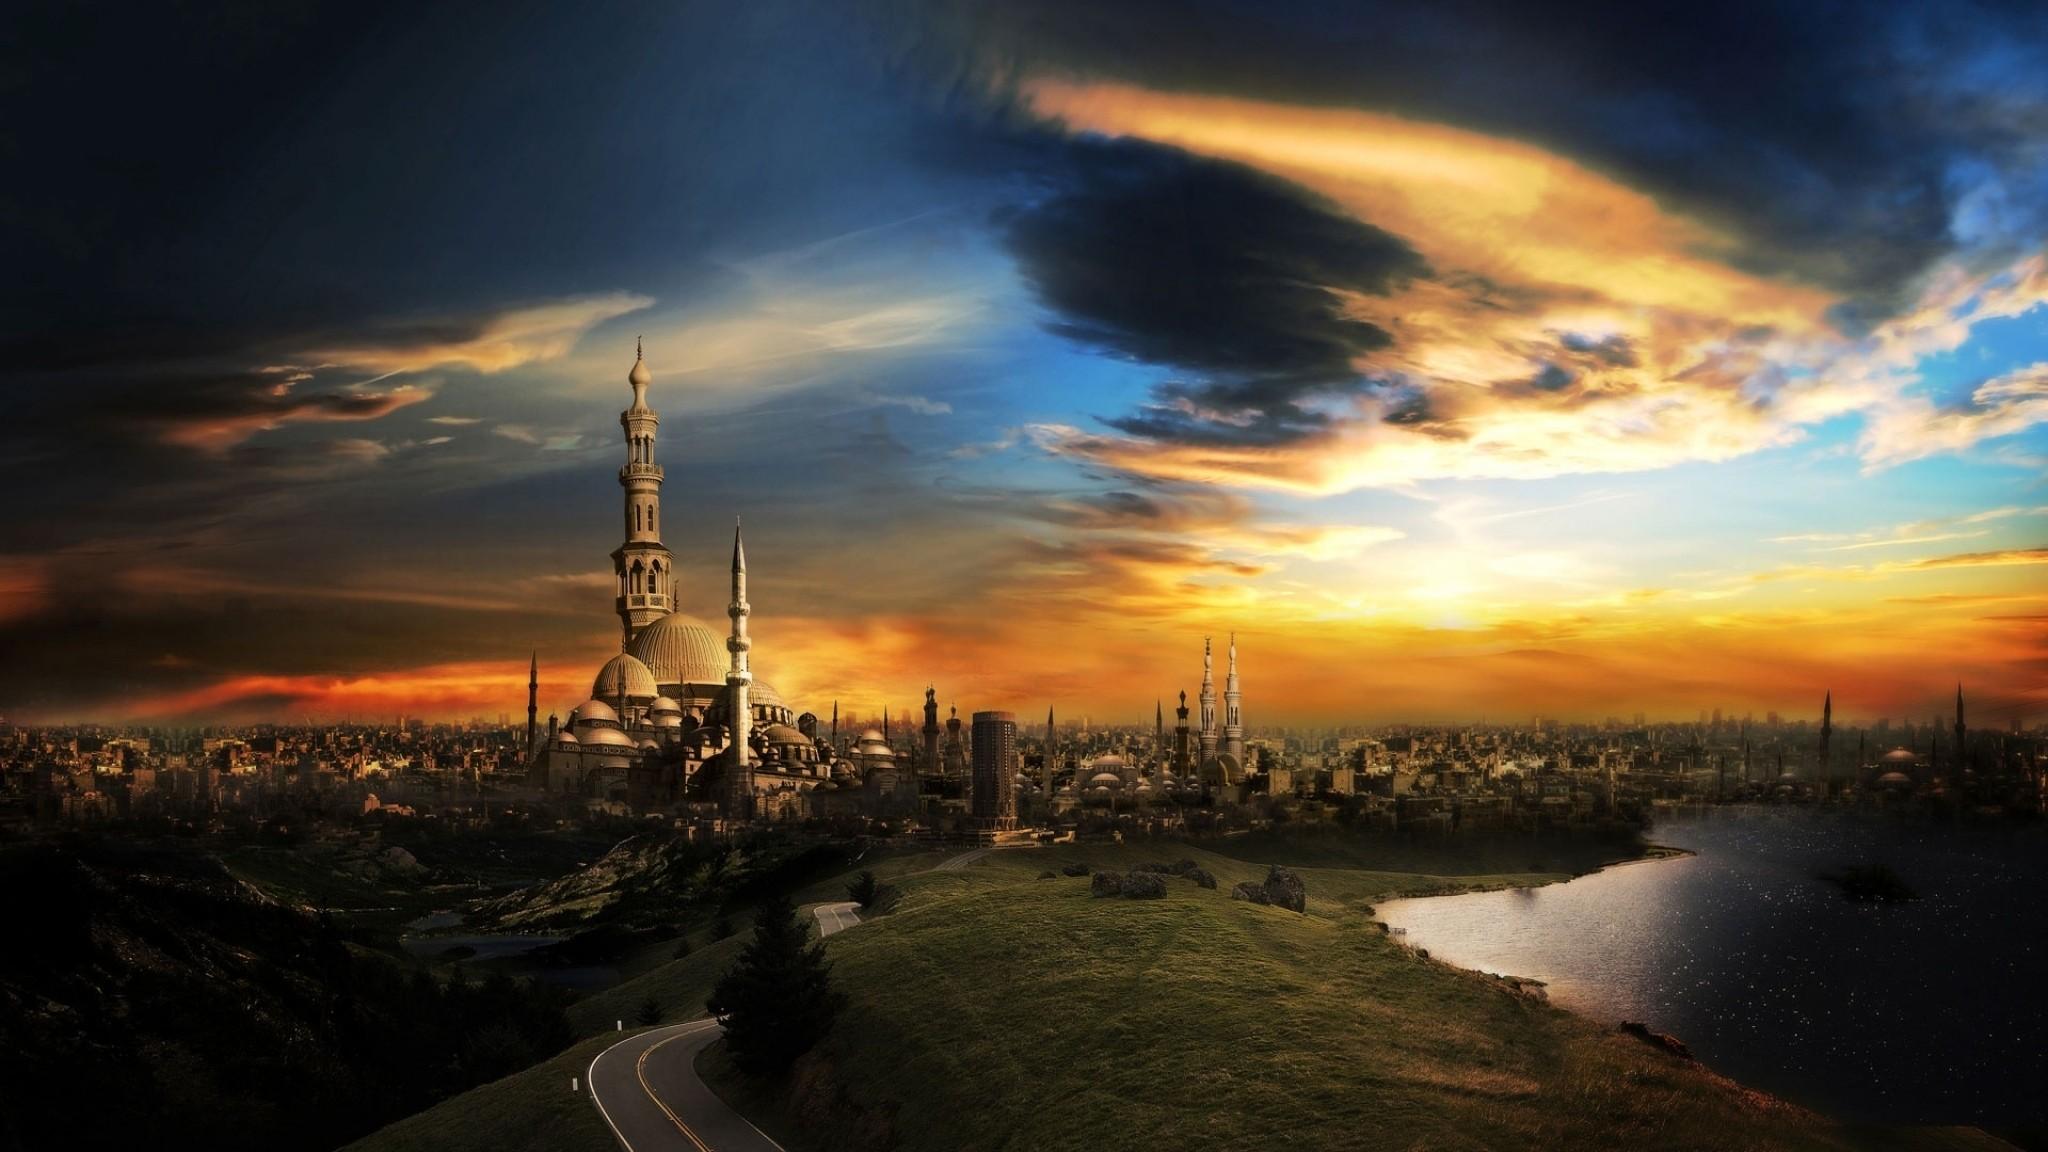 Wallpaper islam, mosque, city, sunset